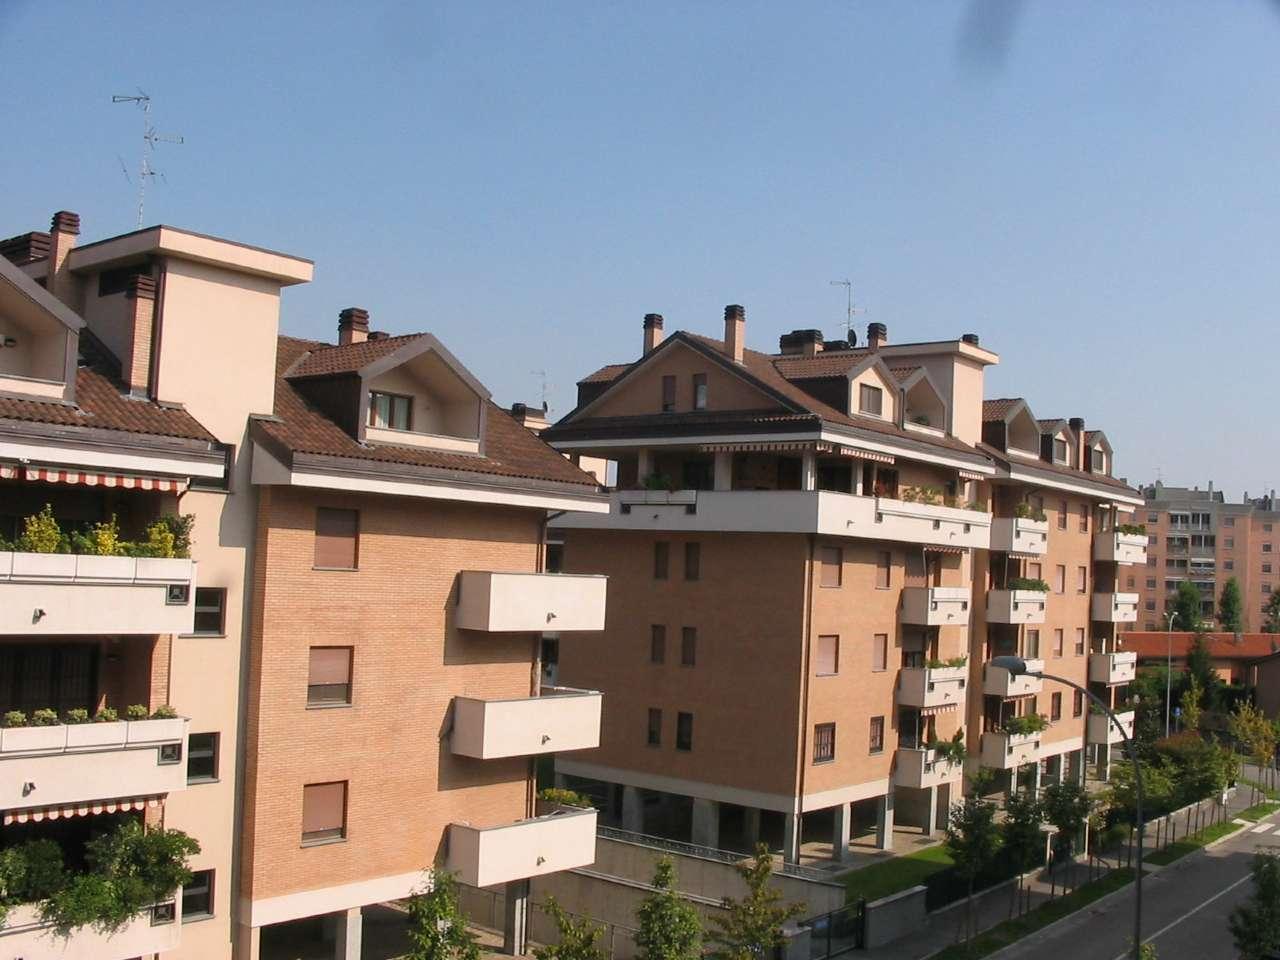 Appartamento in vendita a Opera, 1 locali, prezzo € 120.000 | PortaleAgenzieImmobiliari.it